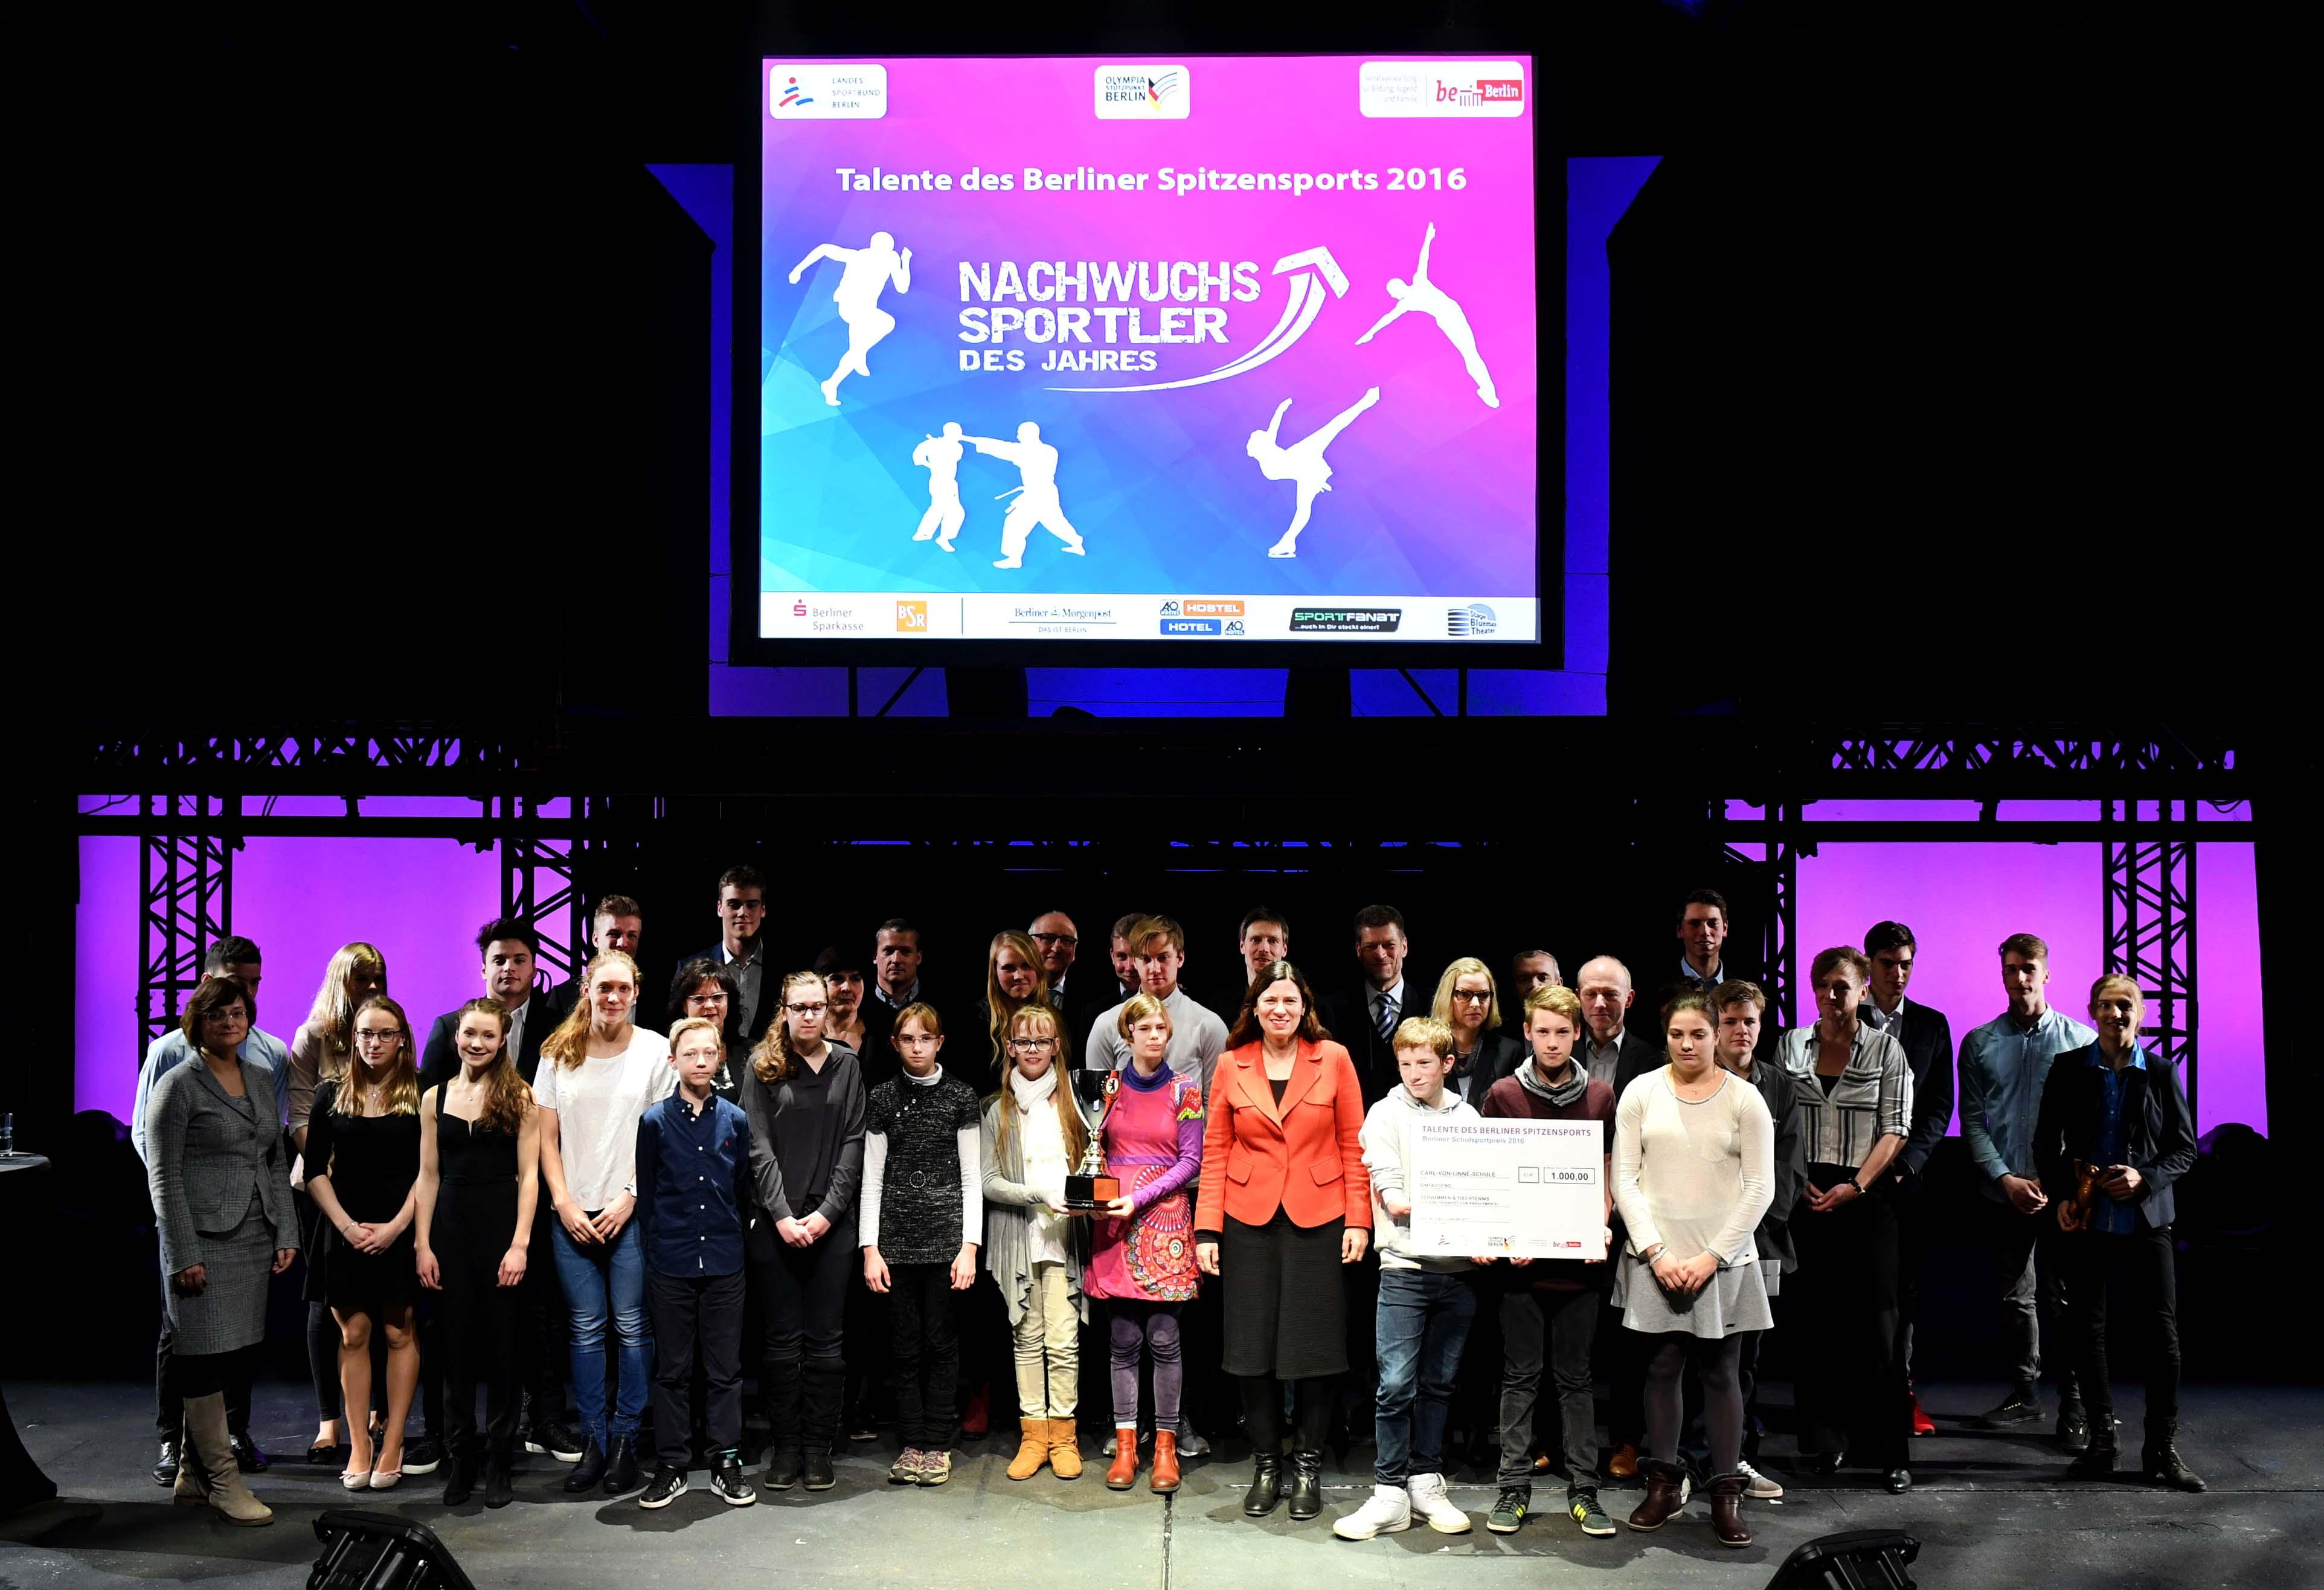 LSB Berlin, Berlin hat Talent, Auszeichnung der Talente des Berliner Spitzensports 2017 Foto: Camera4